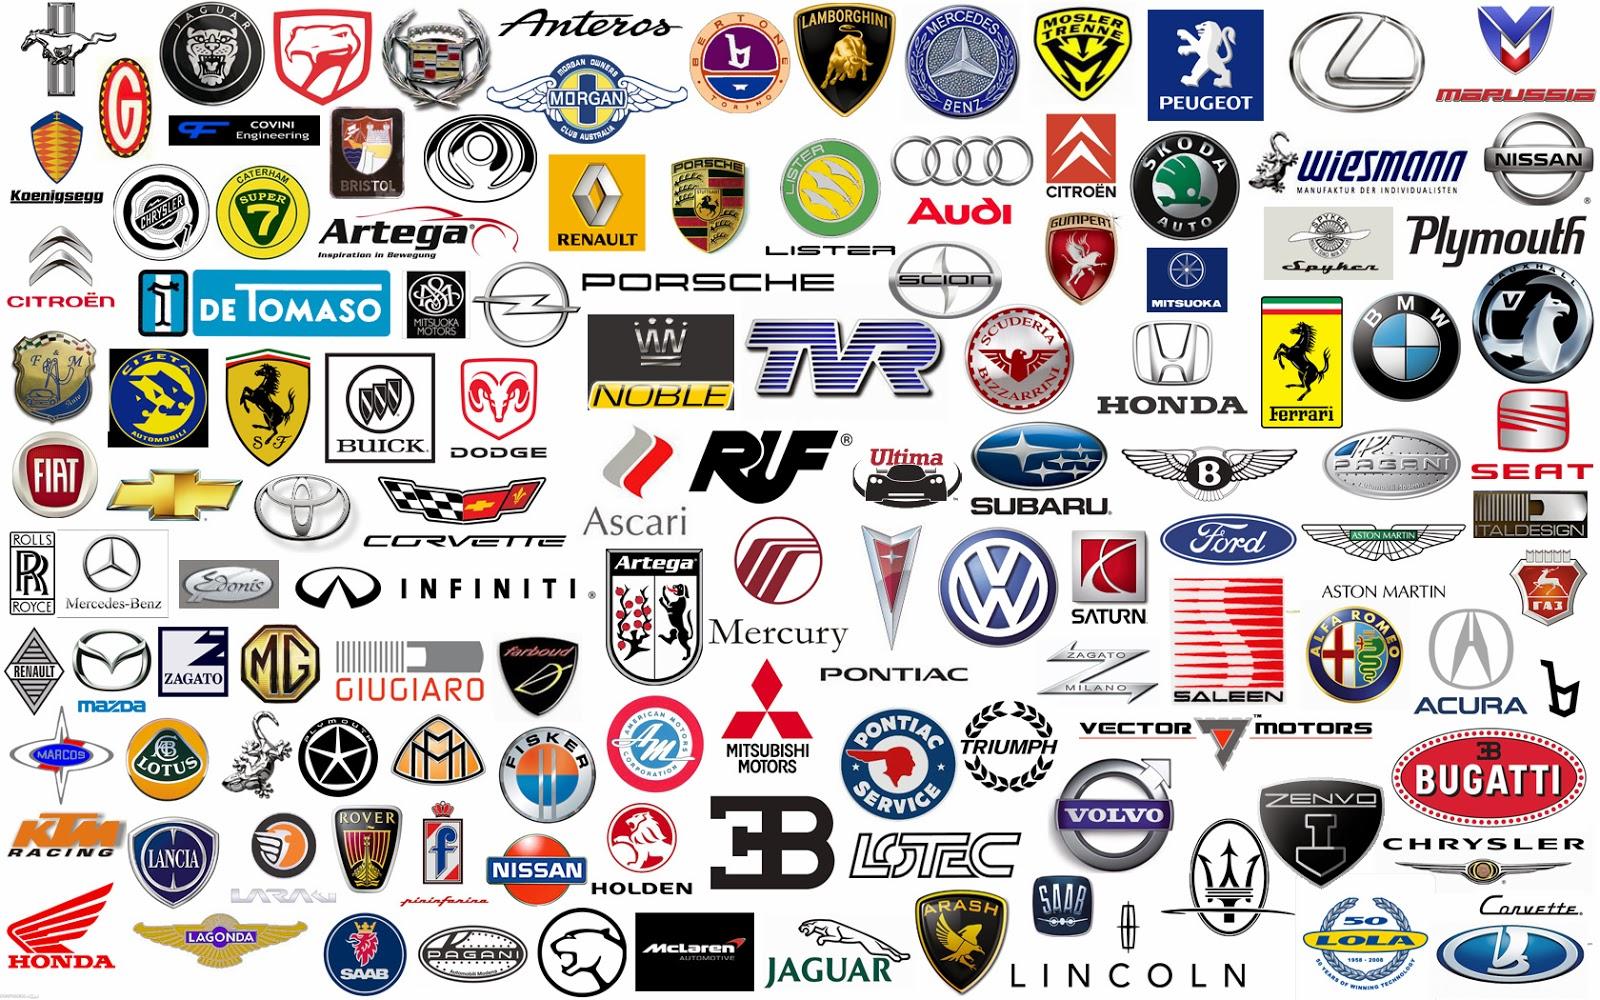 Có hàng trăm, hàng ngàn dòng xe, hãng xe trên thế giới, nên lựa chọn được một chiếc xe phù hợp sẽ cần phải cần cân nhắc thật kỹ